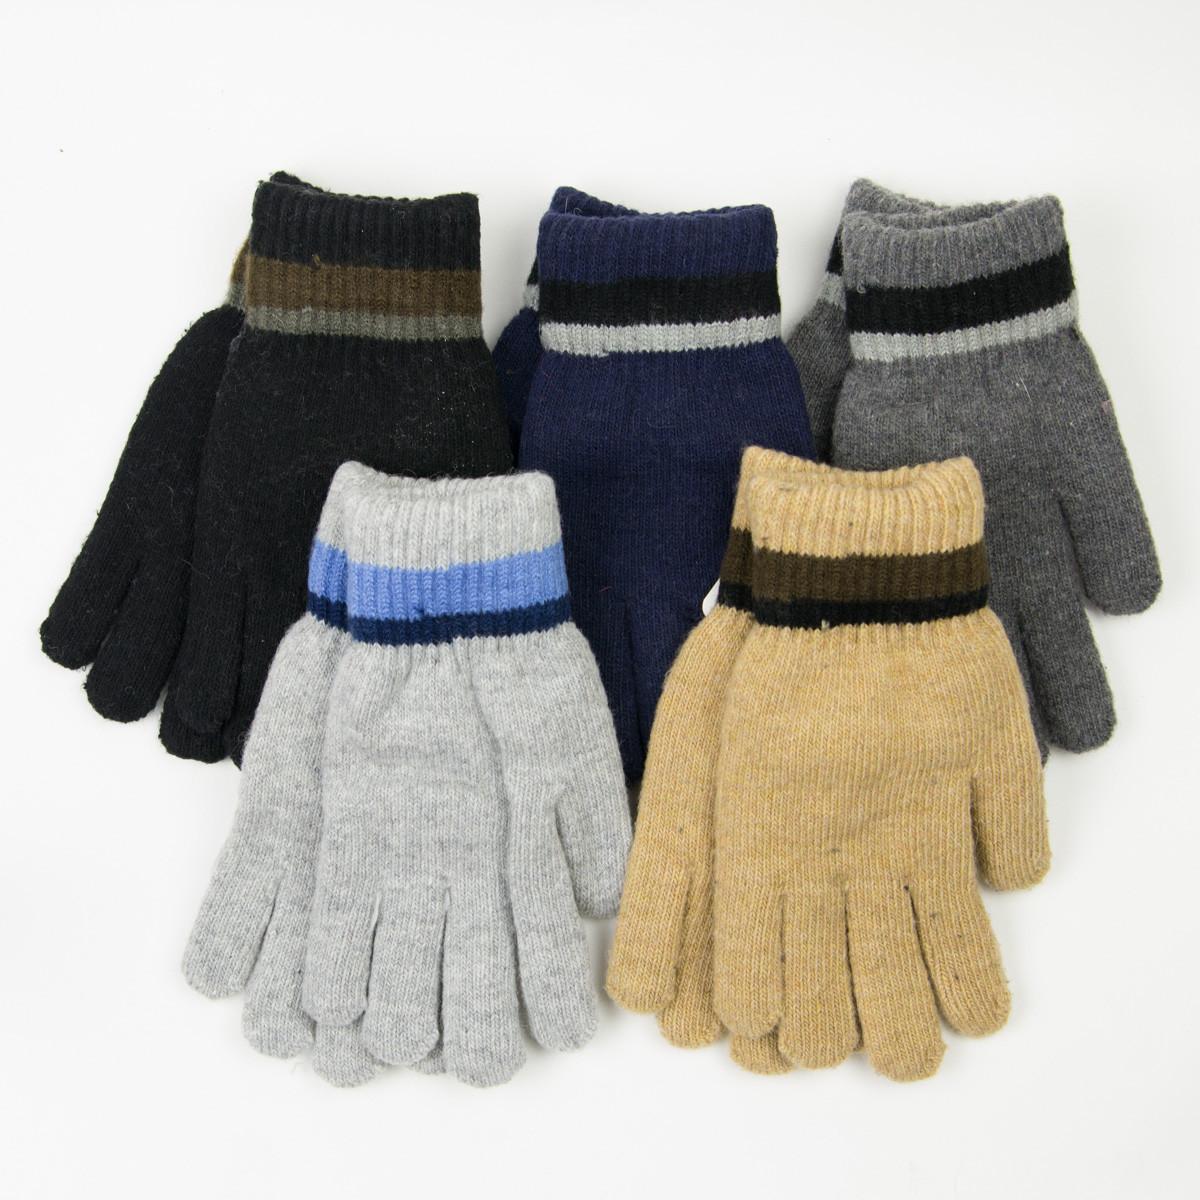 Оптом подростковые зимние перчатки для мальчиков 12-16 лет - 19-7-78